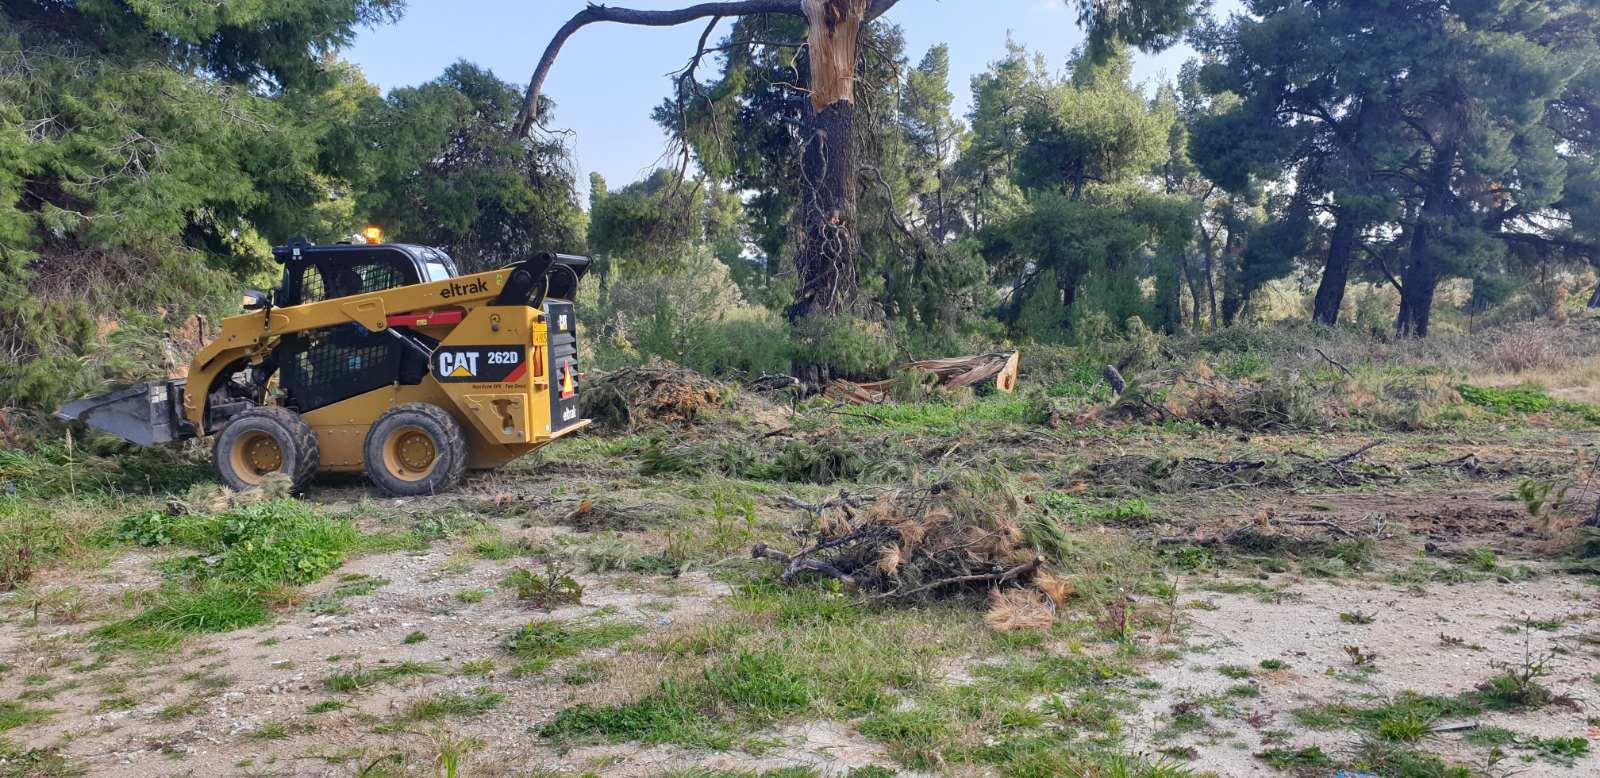 Καθαρισμός της Κασσάνδρας από συνεργεία του Δήμου.